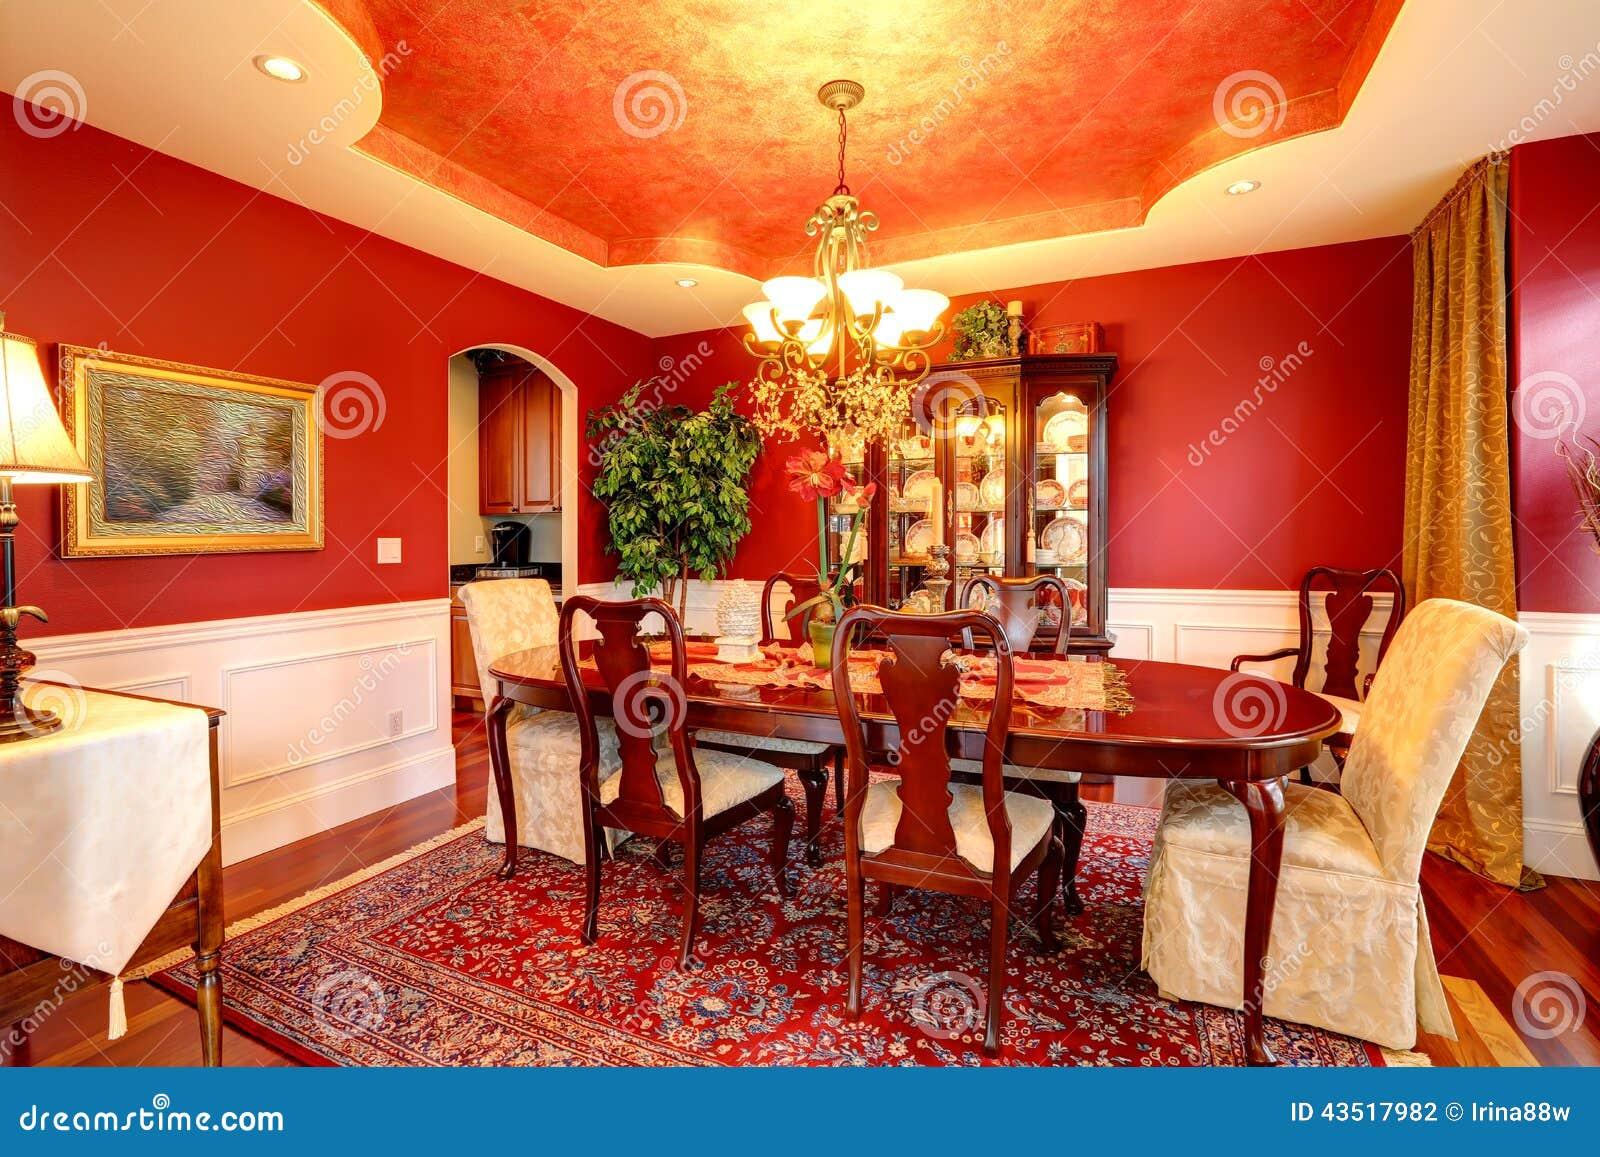 Sala De Jantar Luxuosa Na Cor Vermelha Brilhante Foto de Stock - Imagem: 43517982